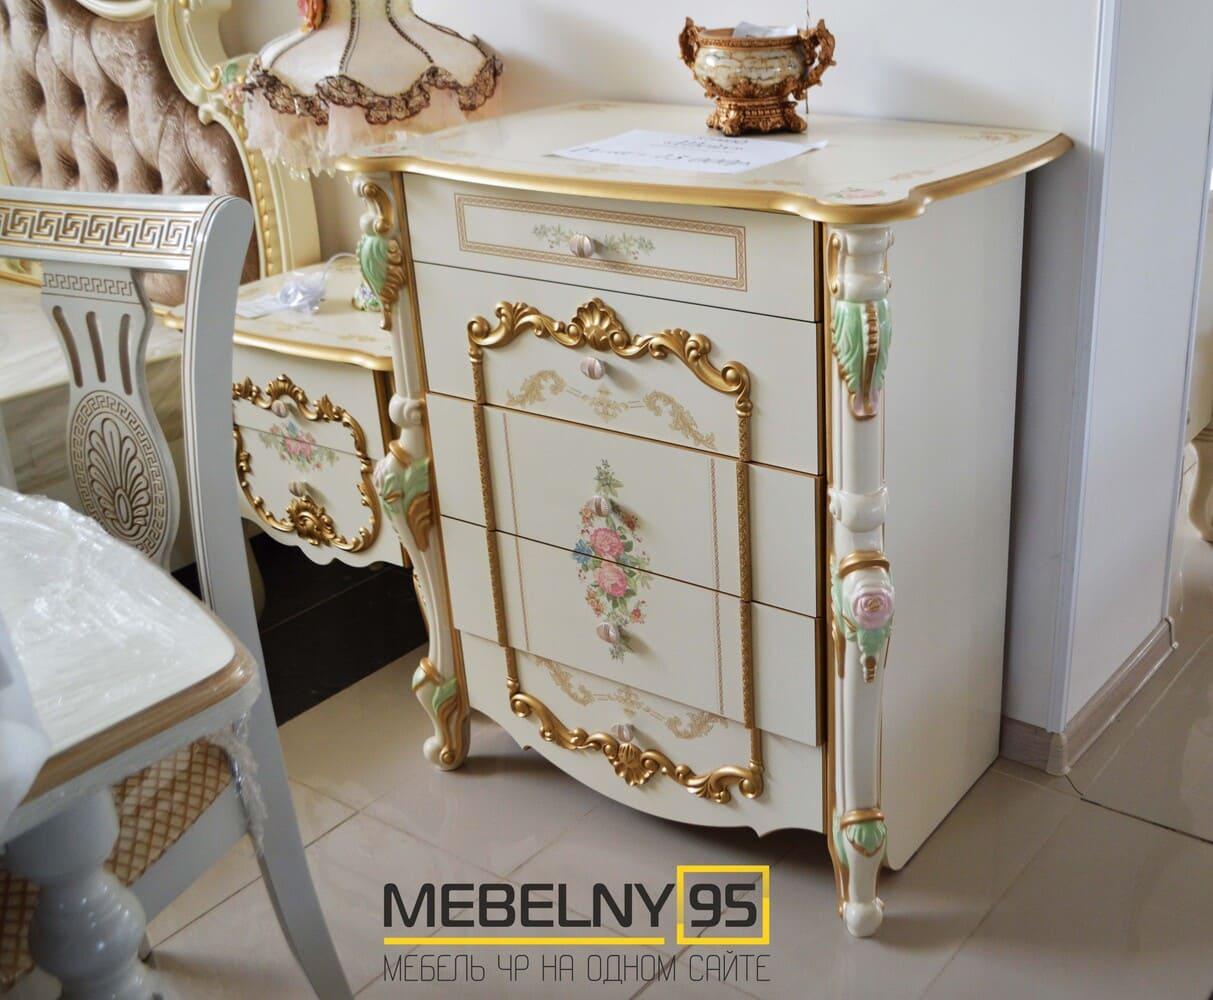 Комоды - изображение №1 на mebelny95.ru